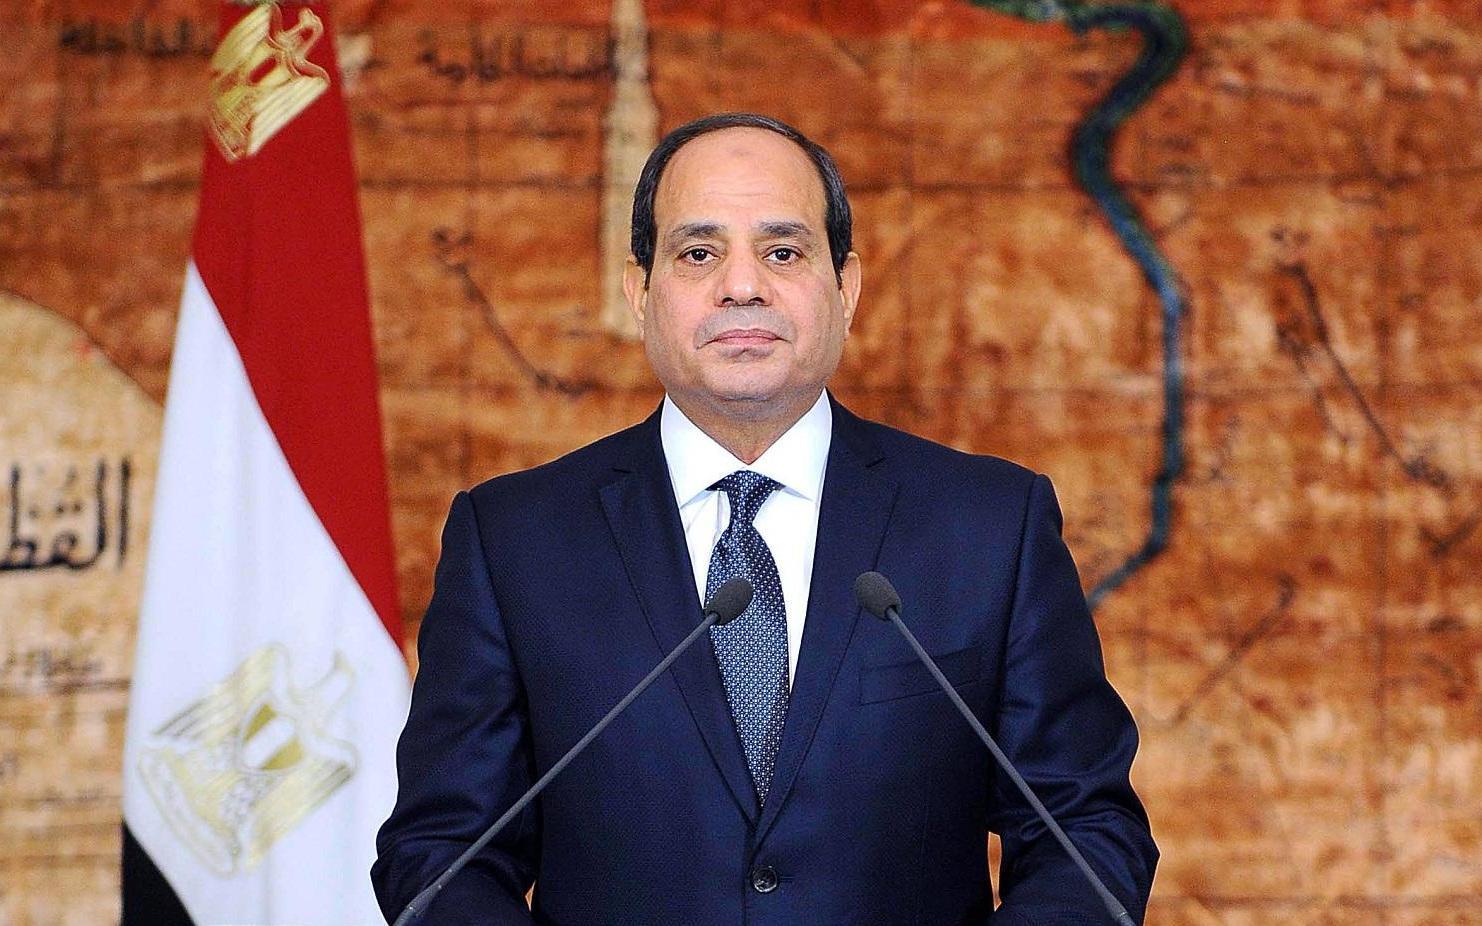 ٢٠٢١٠٤٠٧ ١٤٢٦٥٦ - #السيسي: الخيارات كلها مفتوحة حال المساس بحصة مصر المائية.     #العبدلي_نيوز